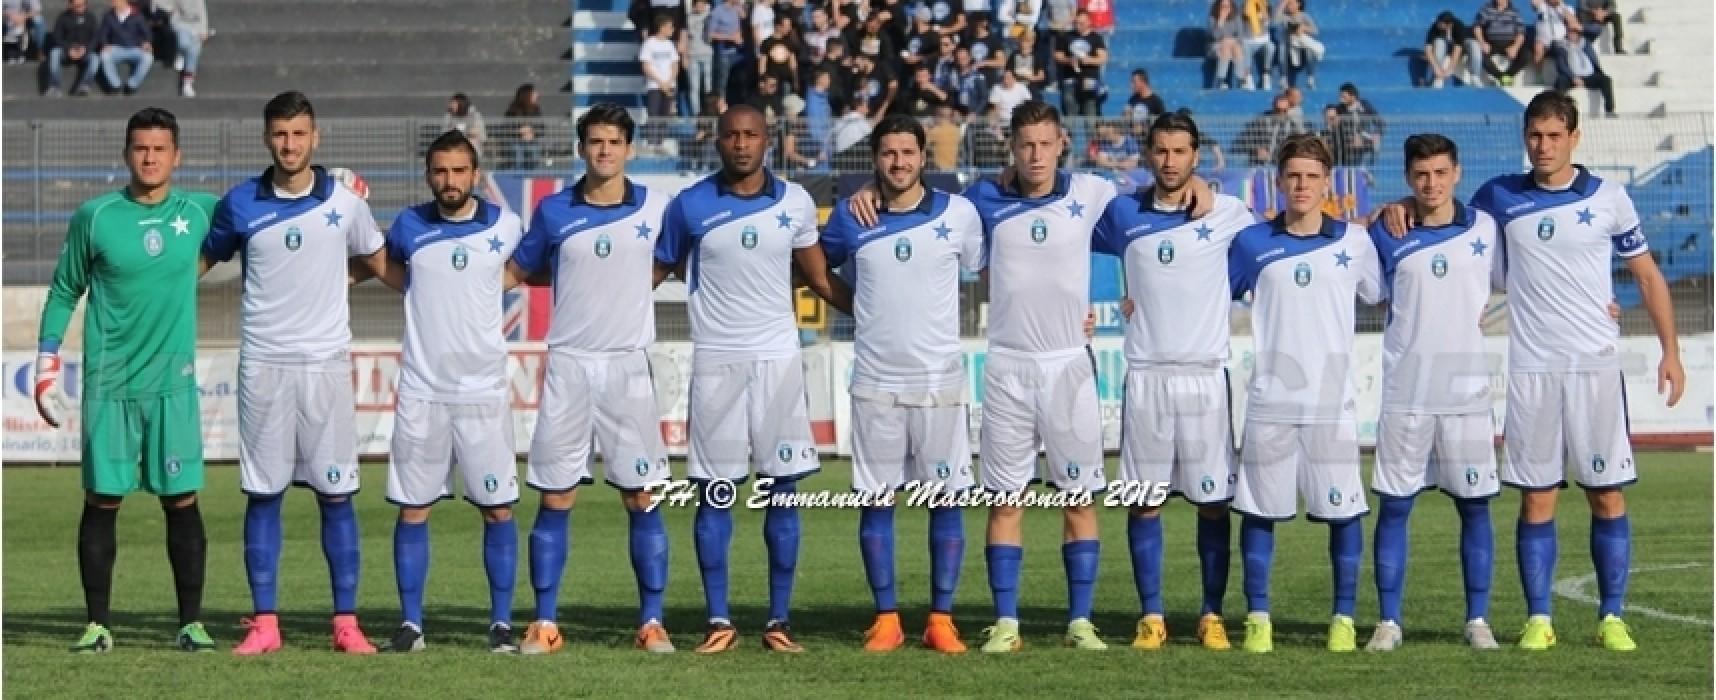 Bisceglie Calcio, calciatori e staff tecnico preoccupati per il futuro del club